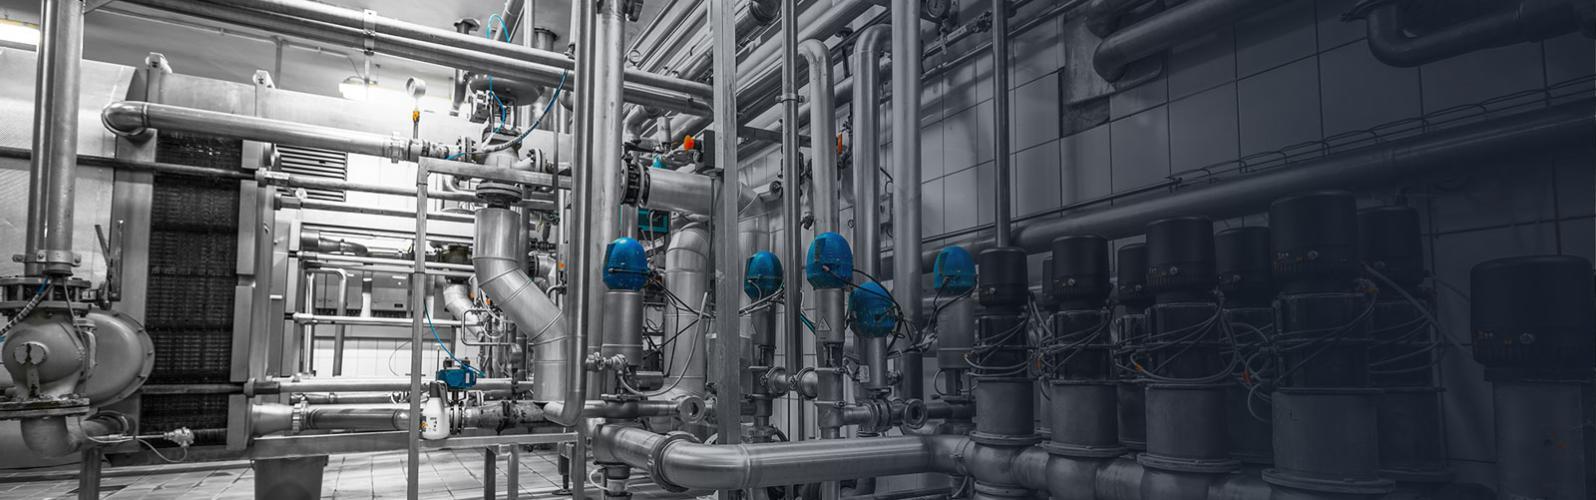 Nuestros sistemas le permiten mejorar sus procesos industriales